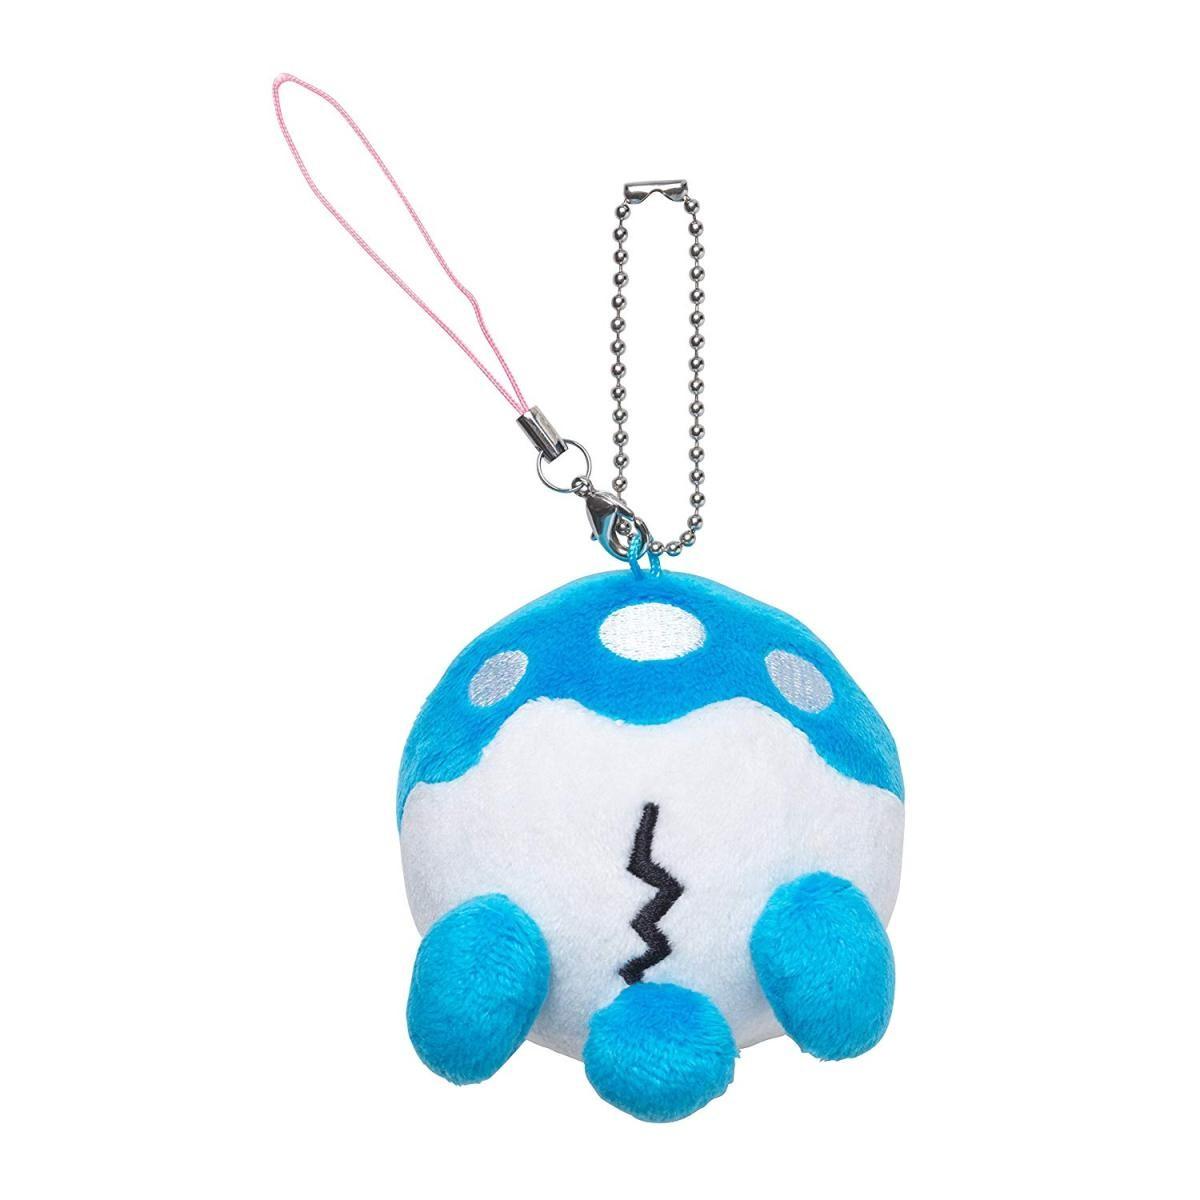 ポケモンセンターオリジナル マスコット HIP POP! PARADE (マリルリ)の商品画像|ナビ